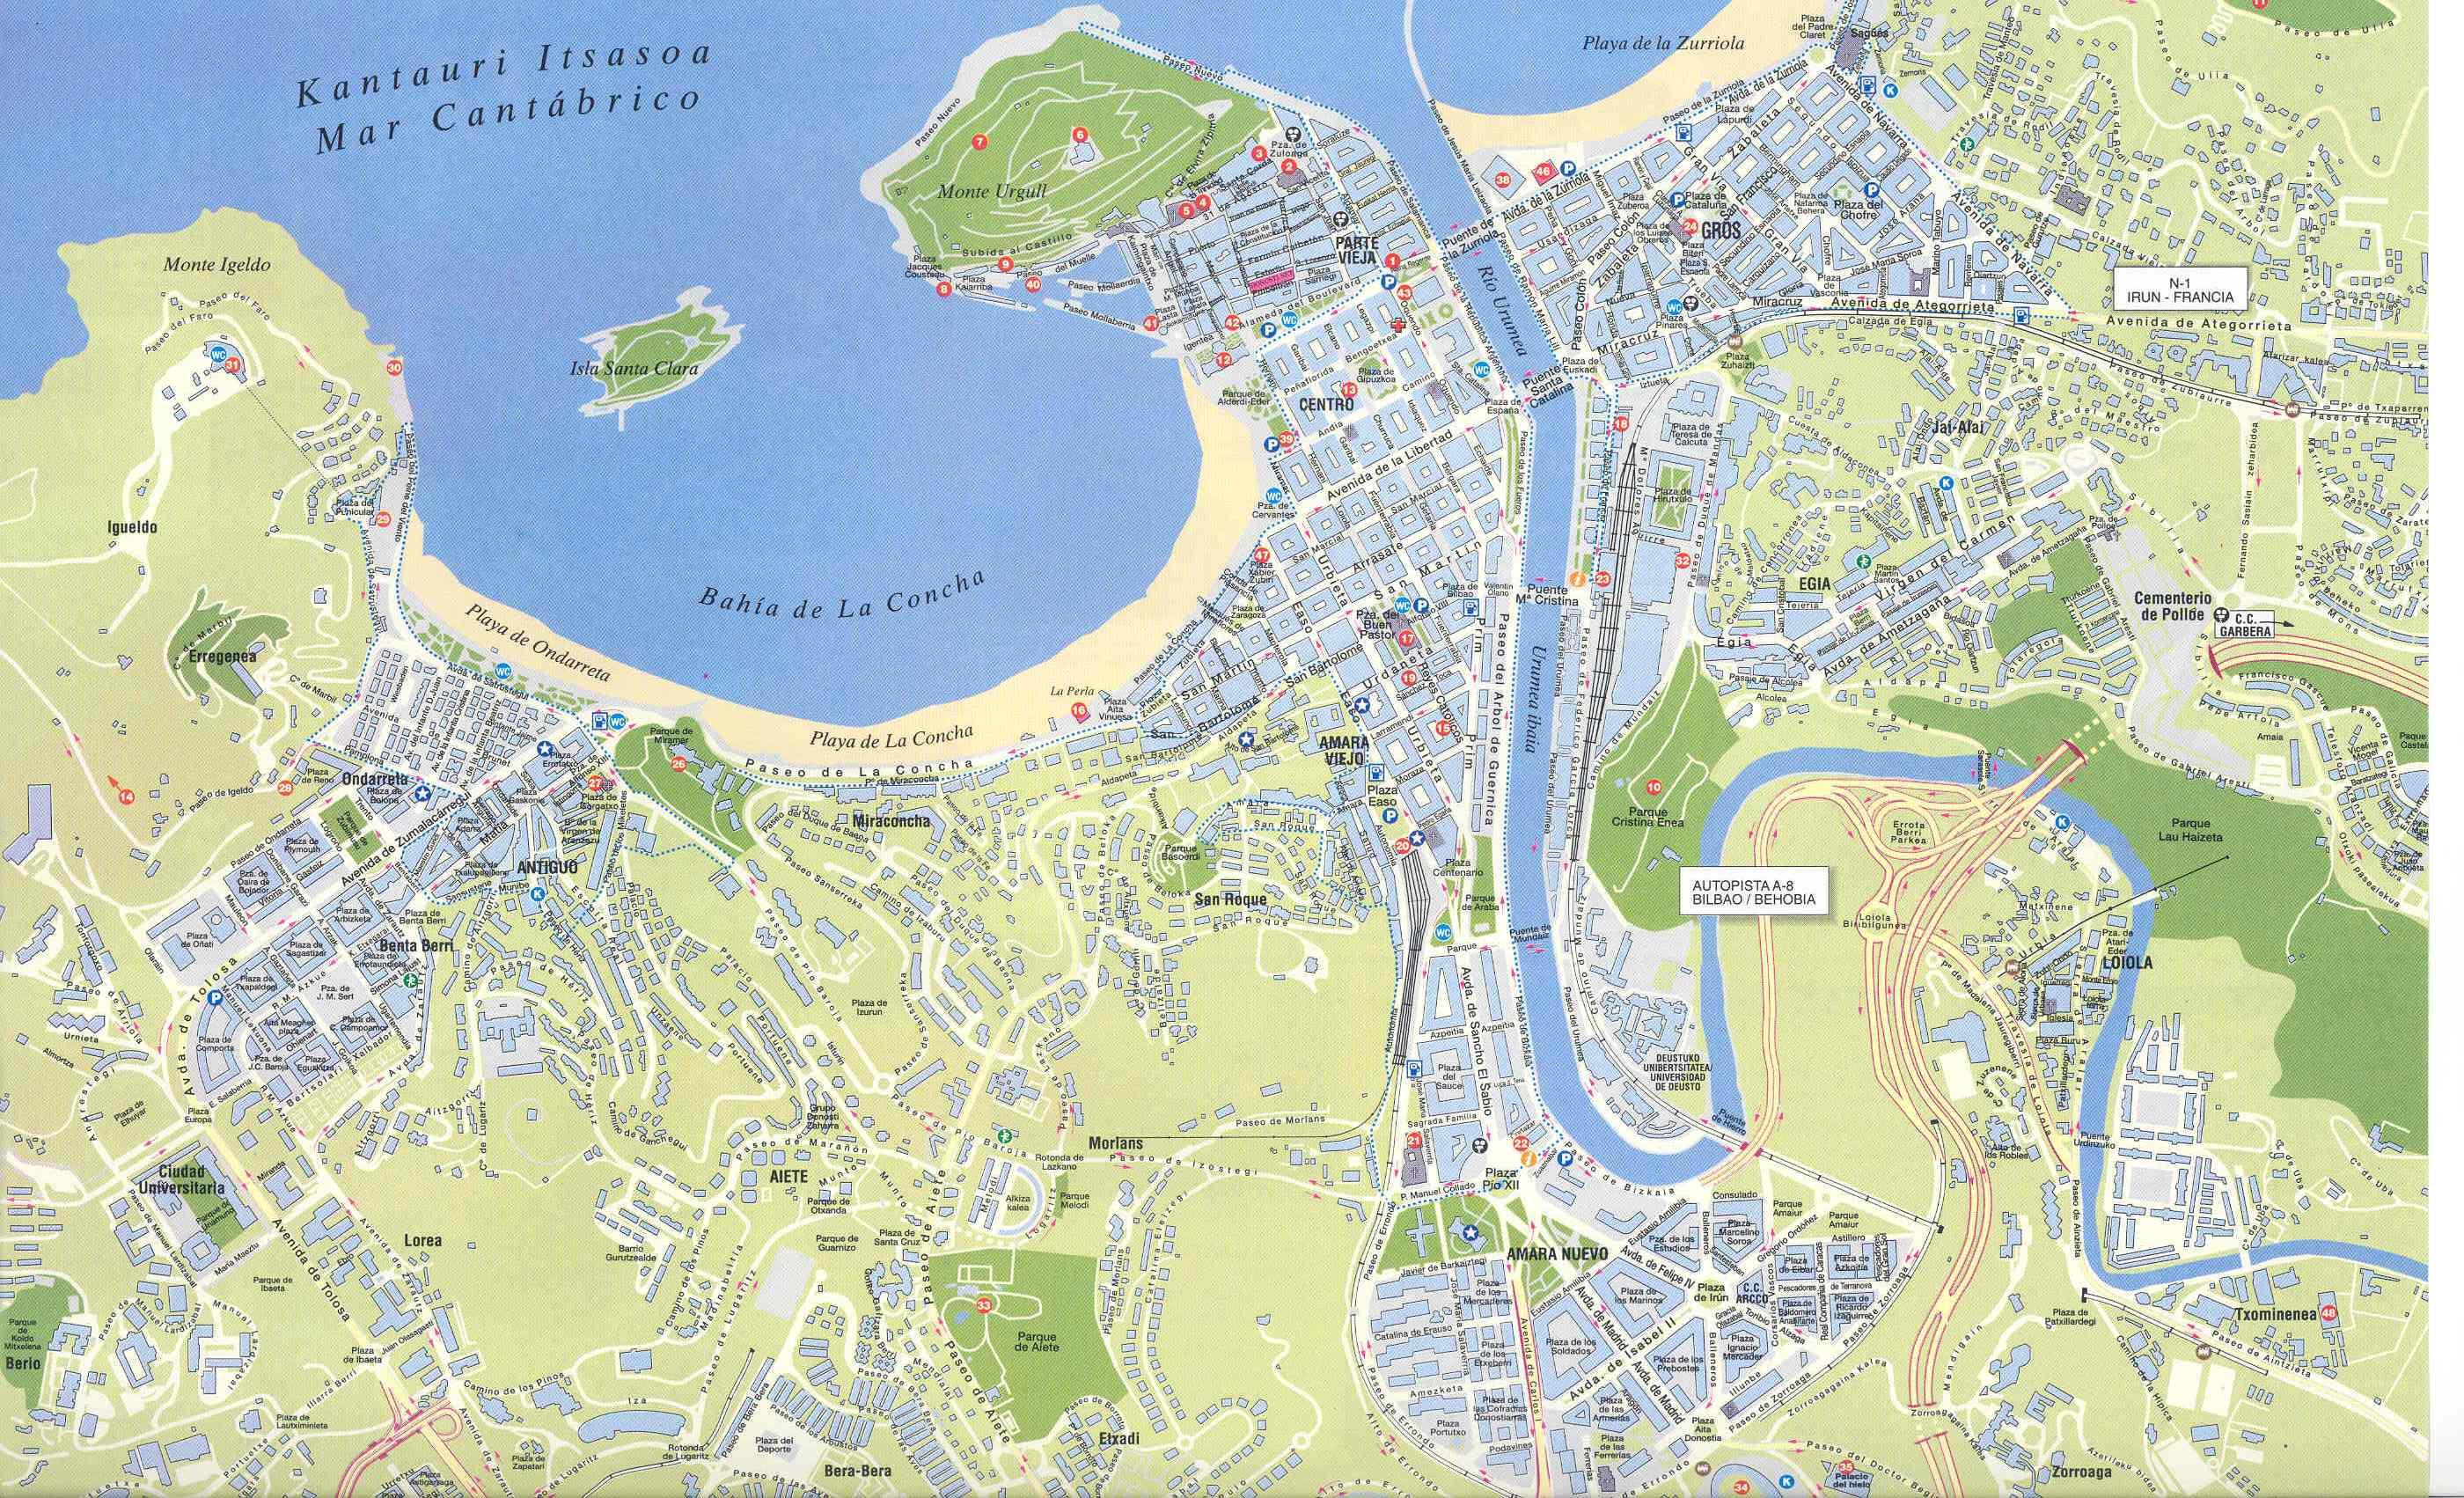 Mapa de San Sebastián 2002